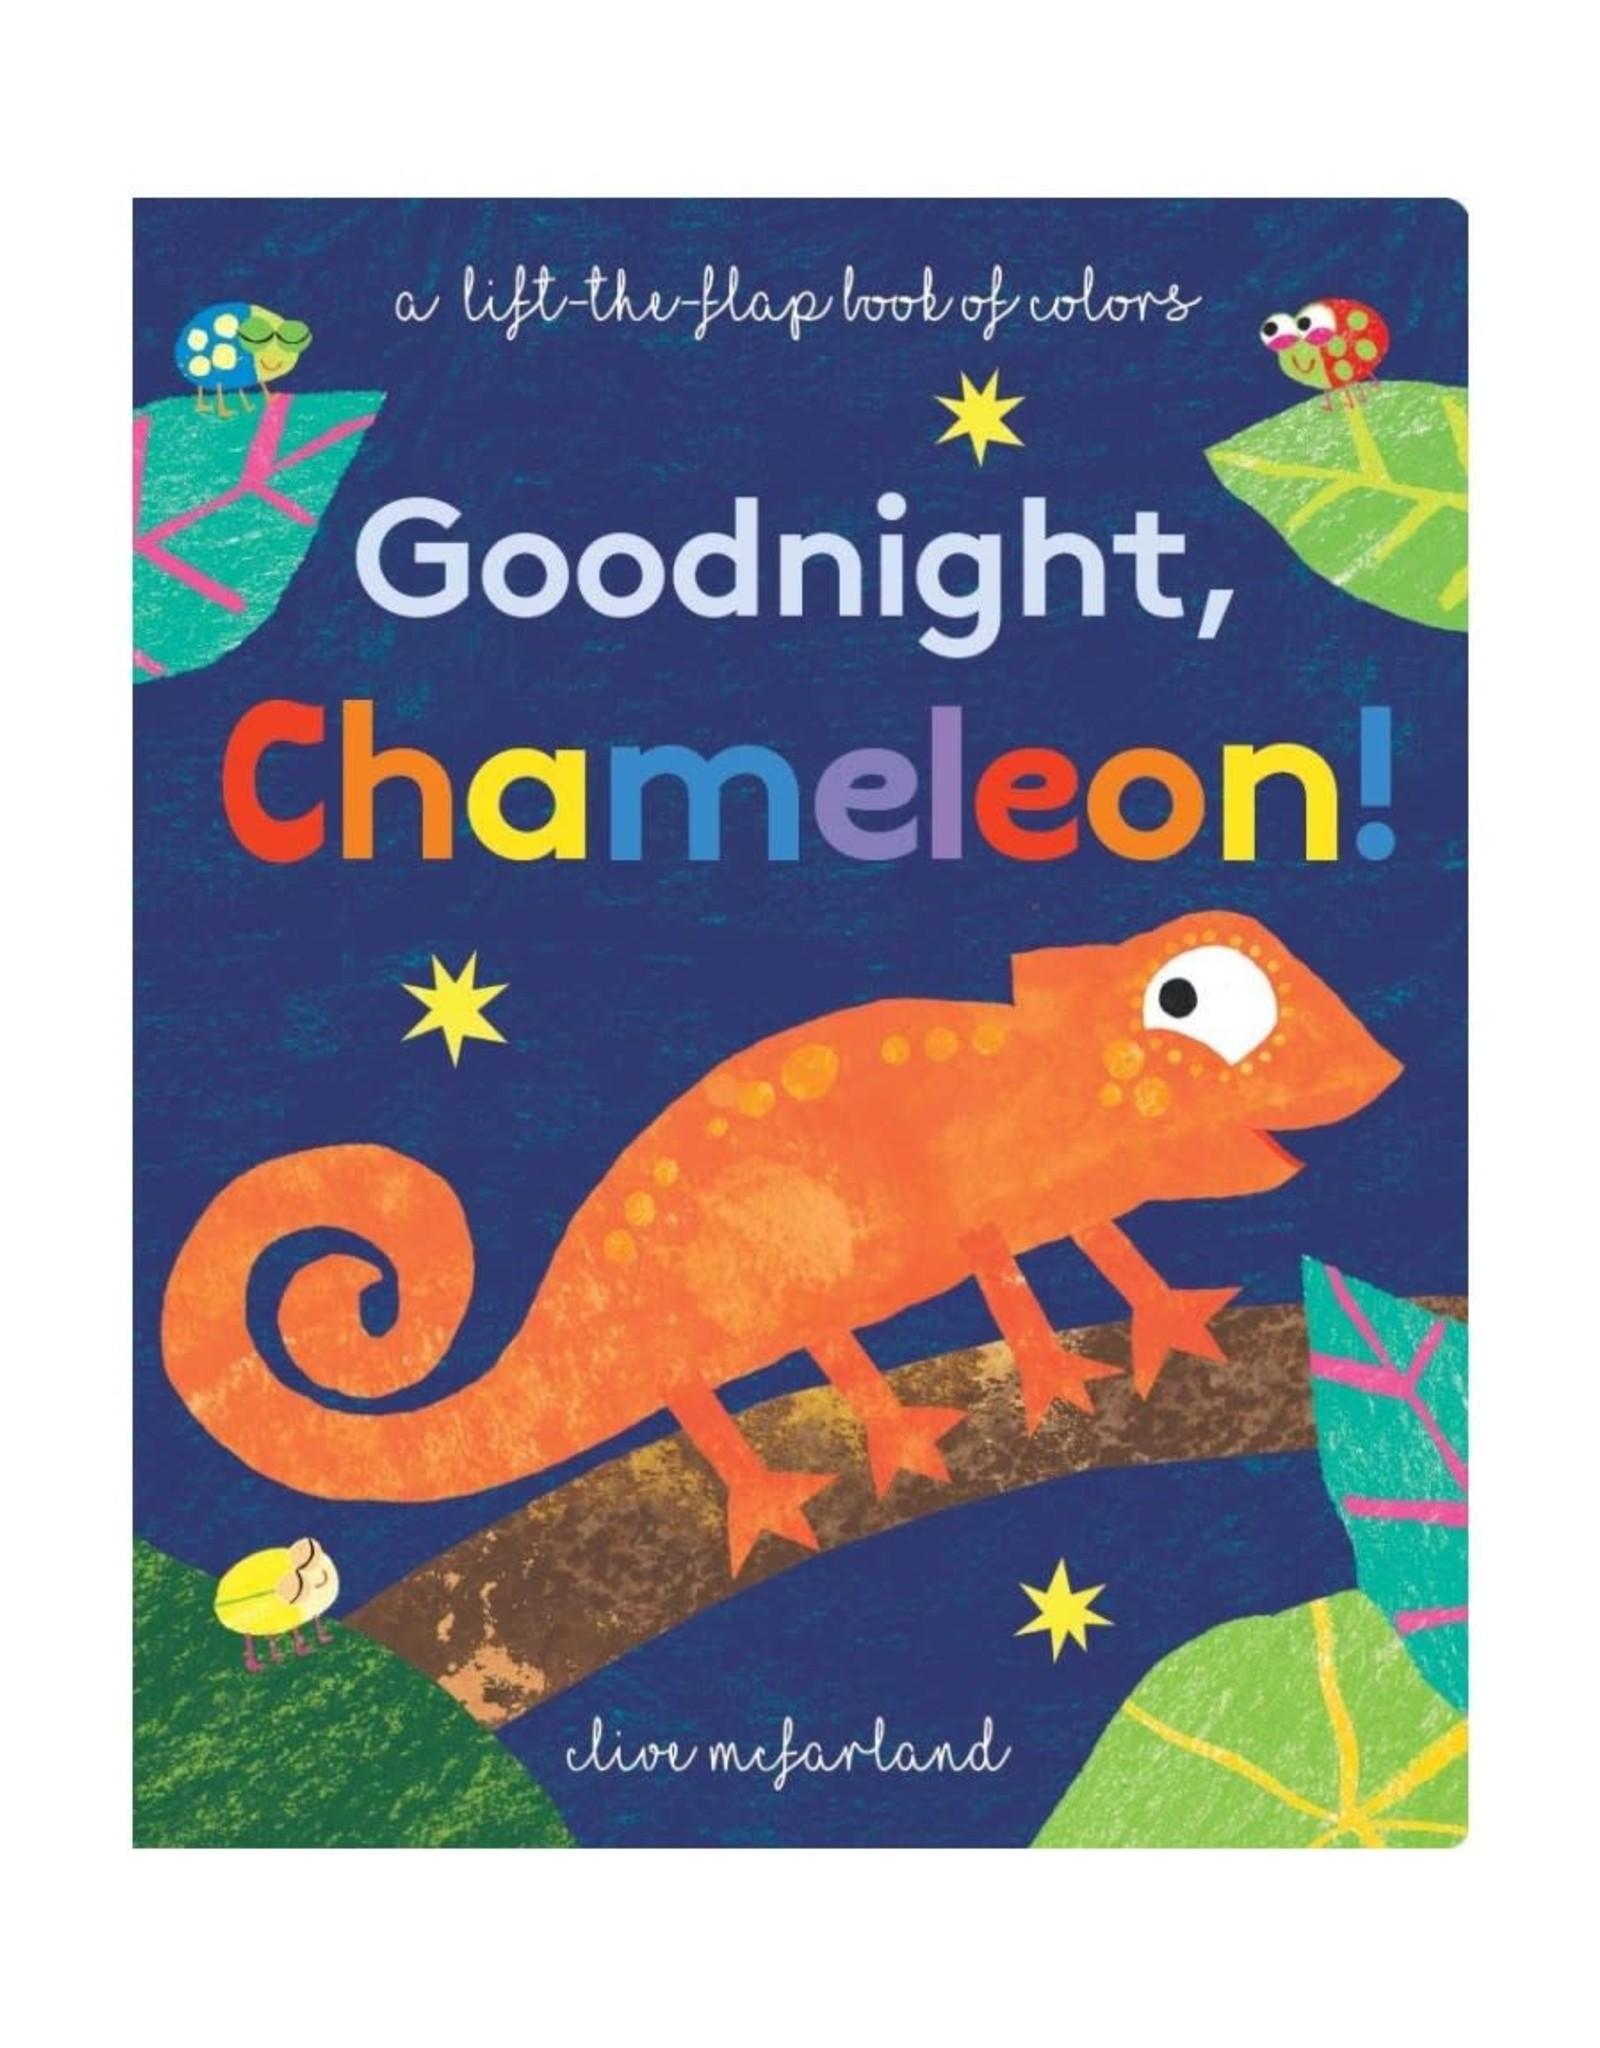 Kane Miller Goodnight, Chameleon!